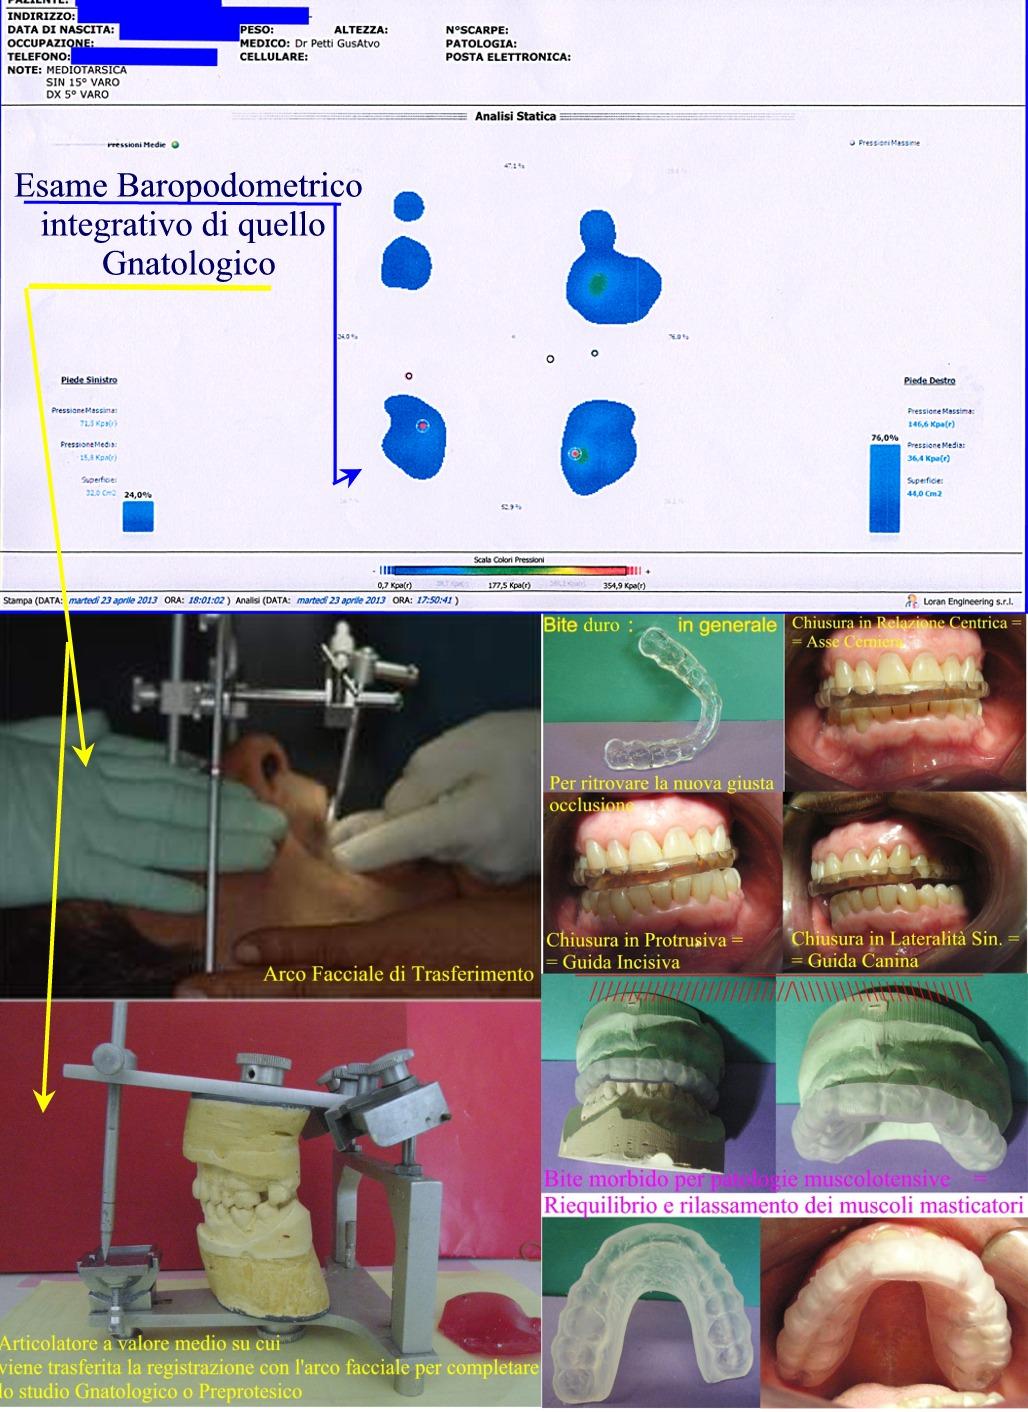 Esame Stabilometrico, Arco Facciale di Trasferimento per Parametri per Riabilitazione Orale. Dr. Gustavo Petti Parodontologo Riabilitatore Orale in Casi Clinici Complessi. Cagliari